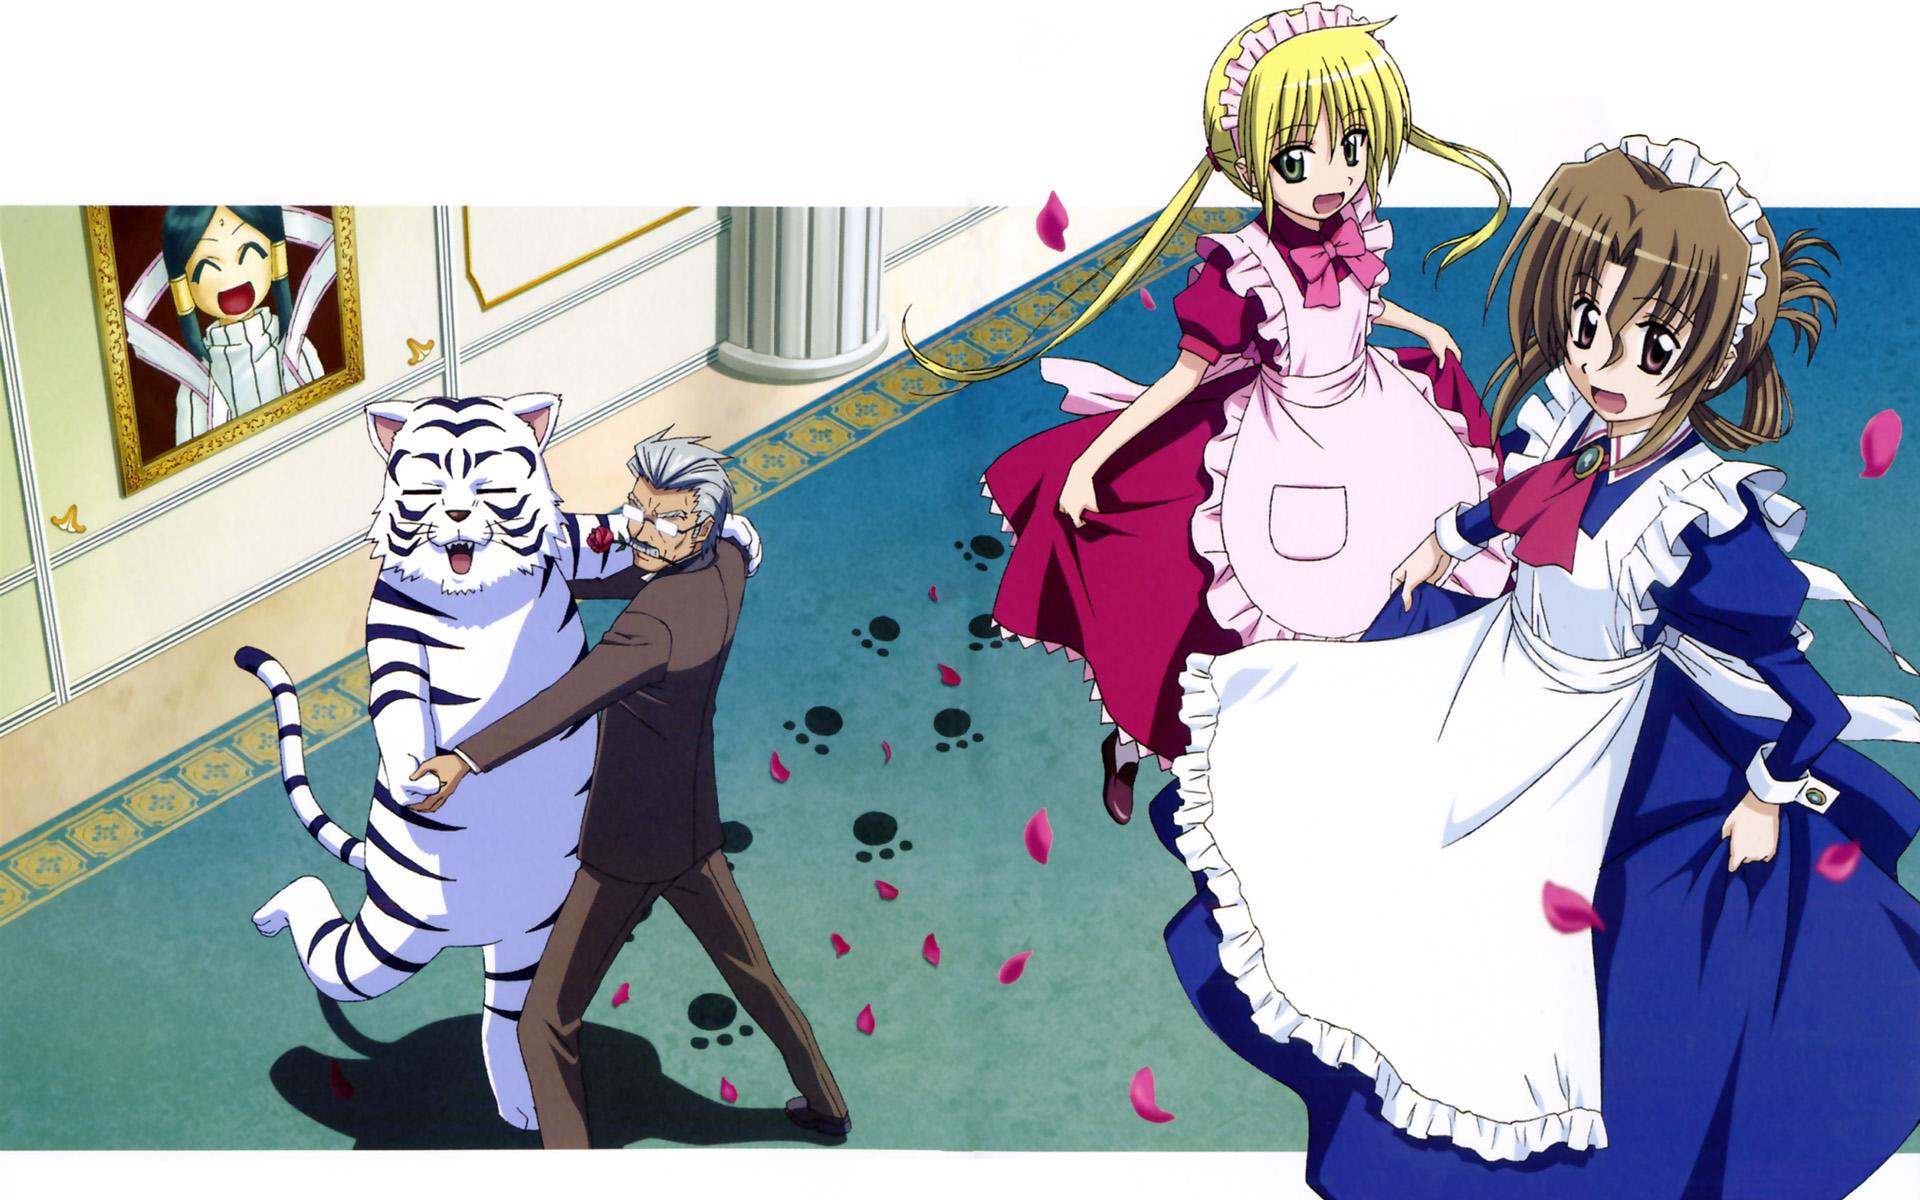 hayate_no_gotoku klaus maid maria_(hayate_no_gotoku) sanzenin_nagi tama